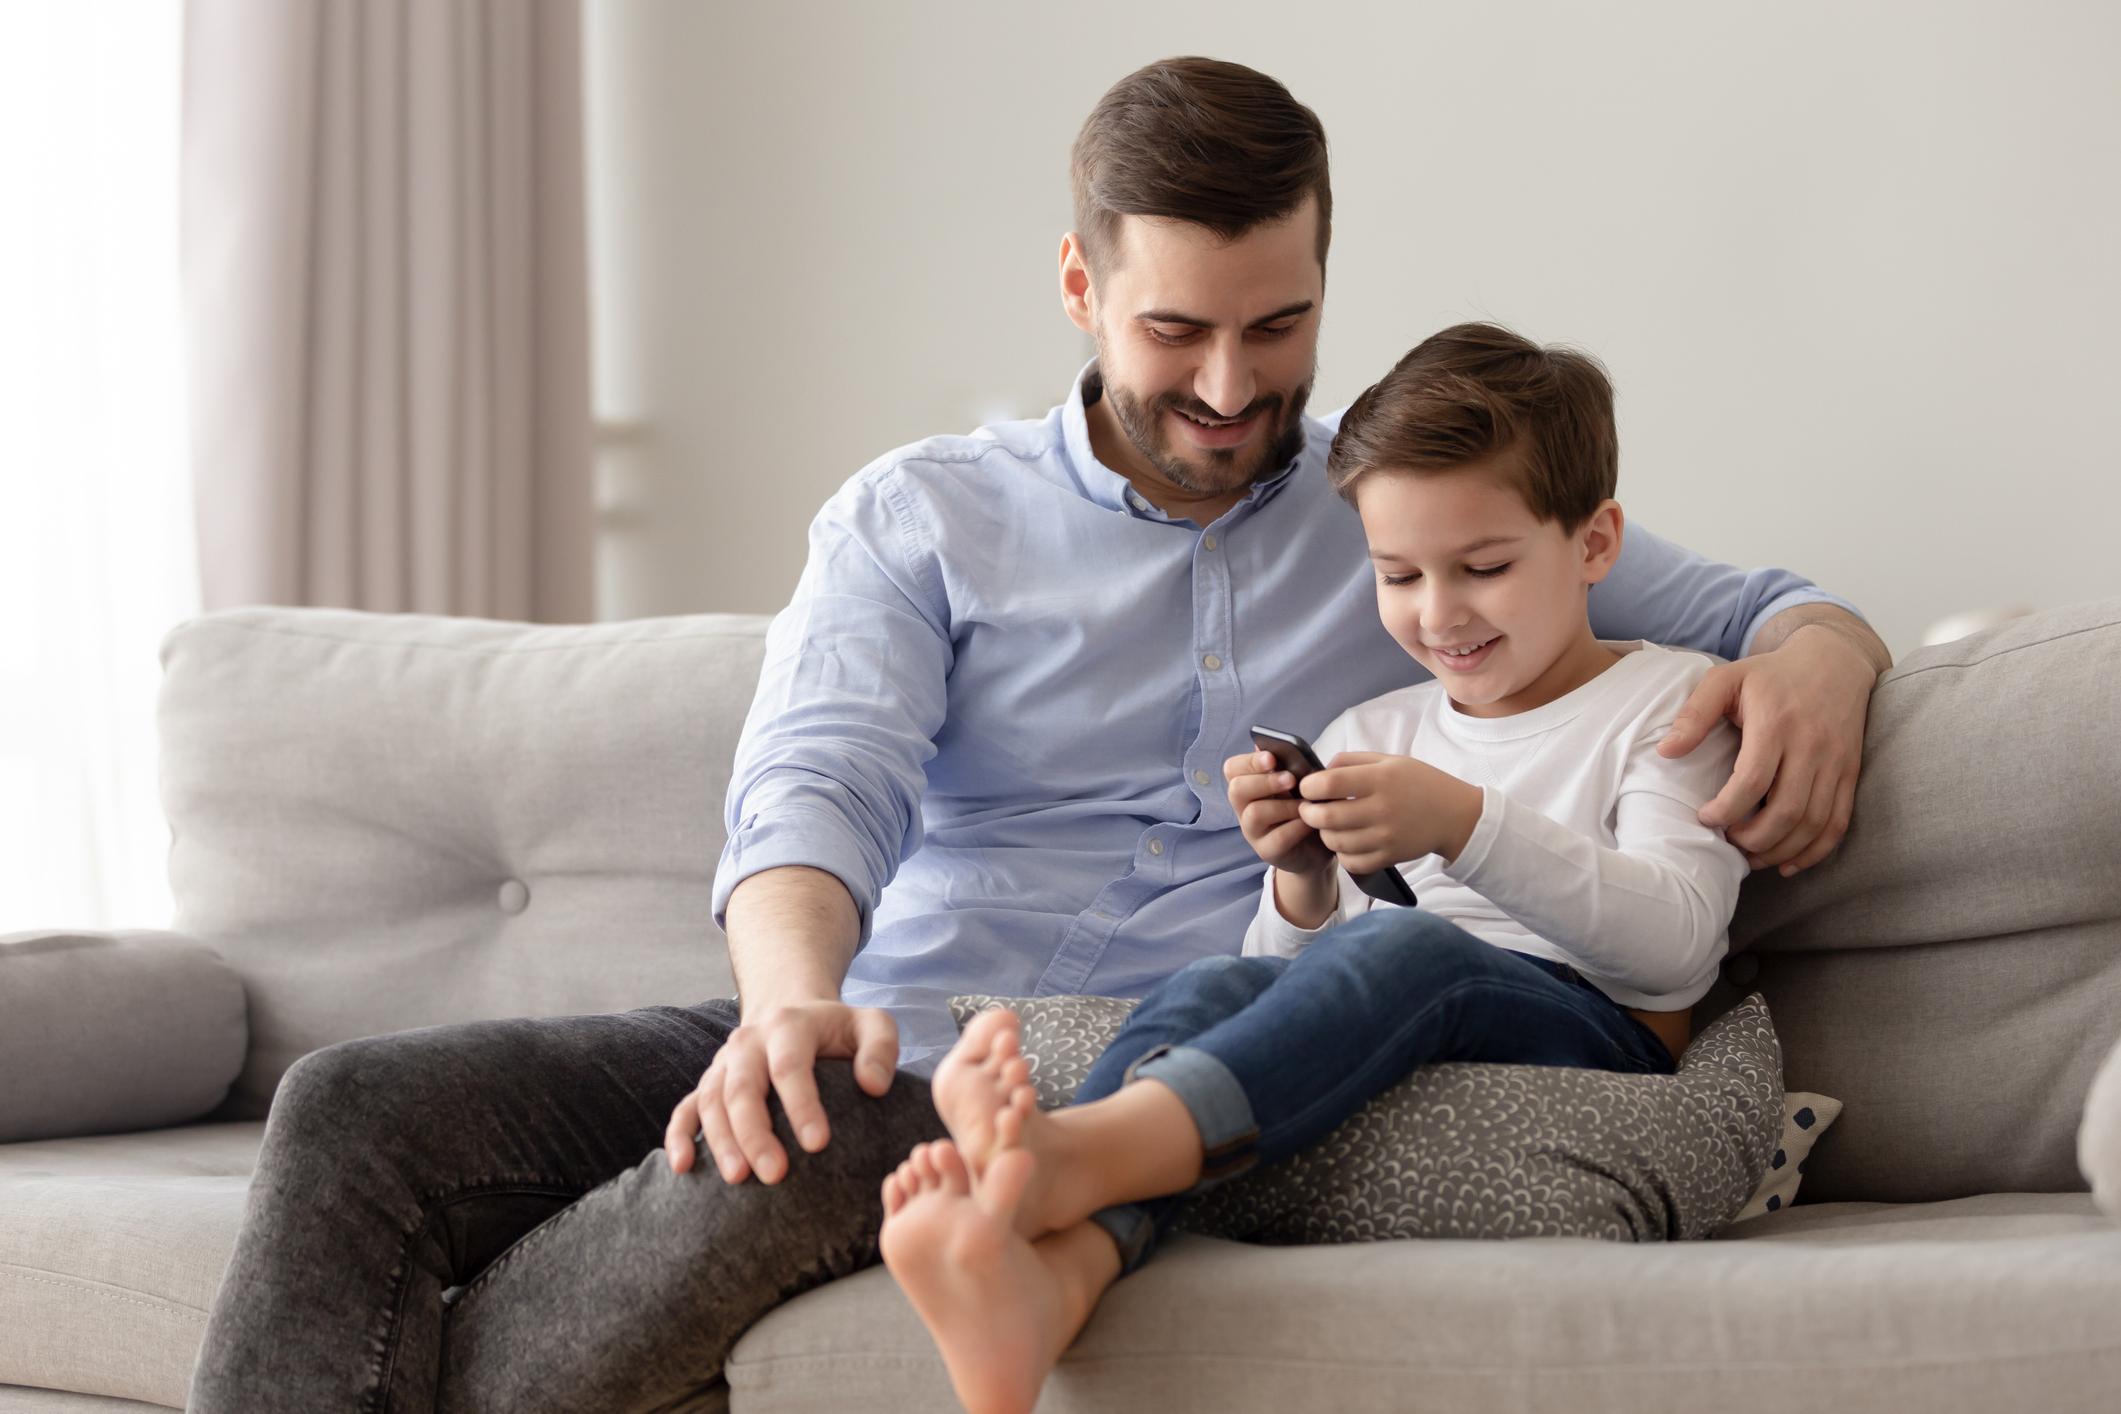 Assegno temporaneo per figli minori 2